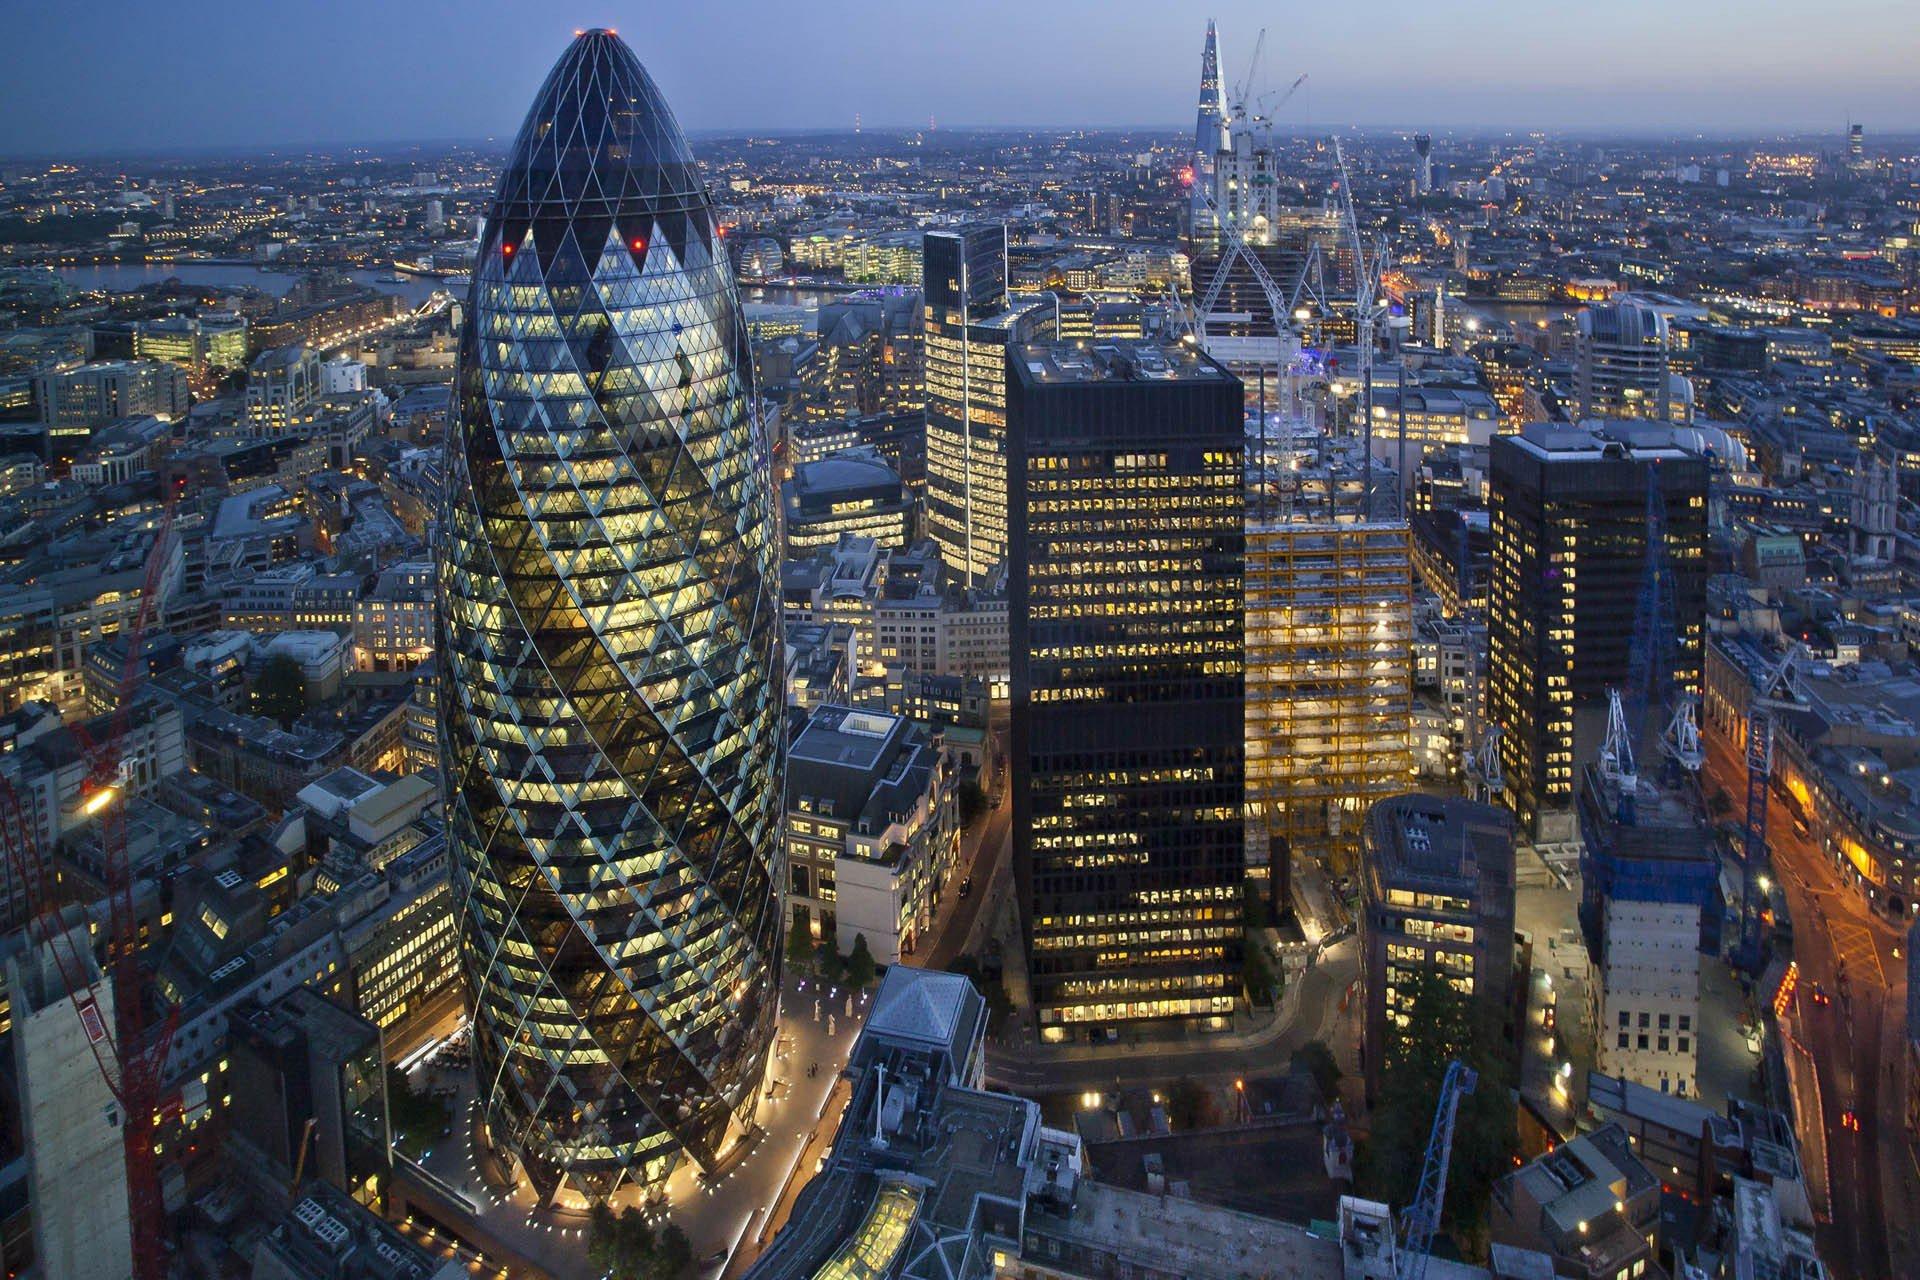 Un mix unico di pubblico e privato: così Londra è diventata la capitale delle startup